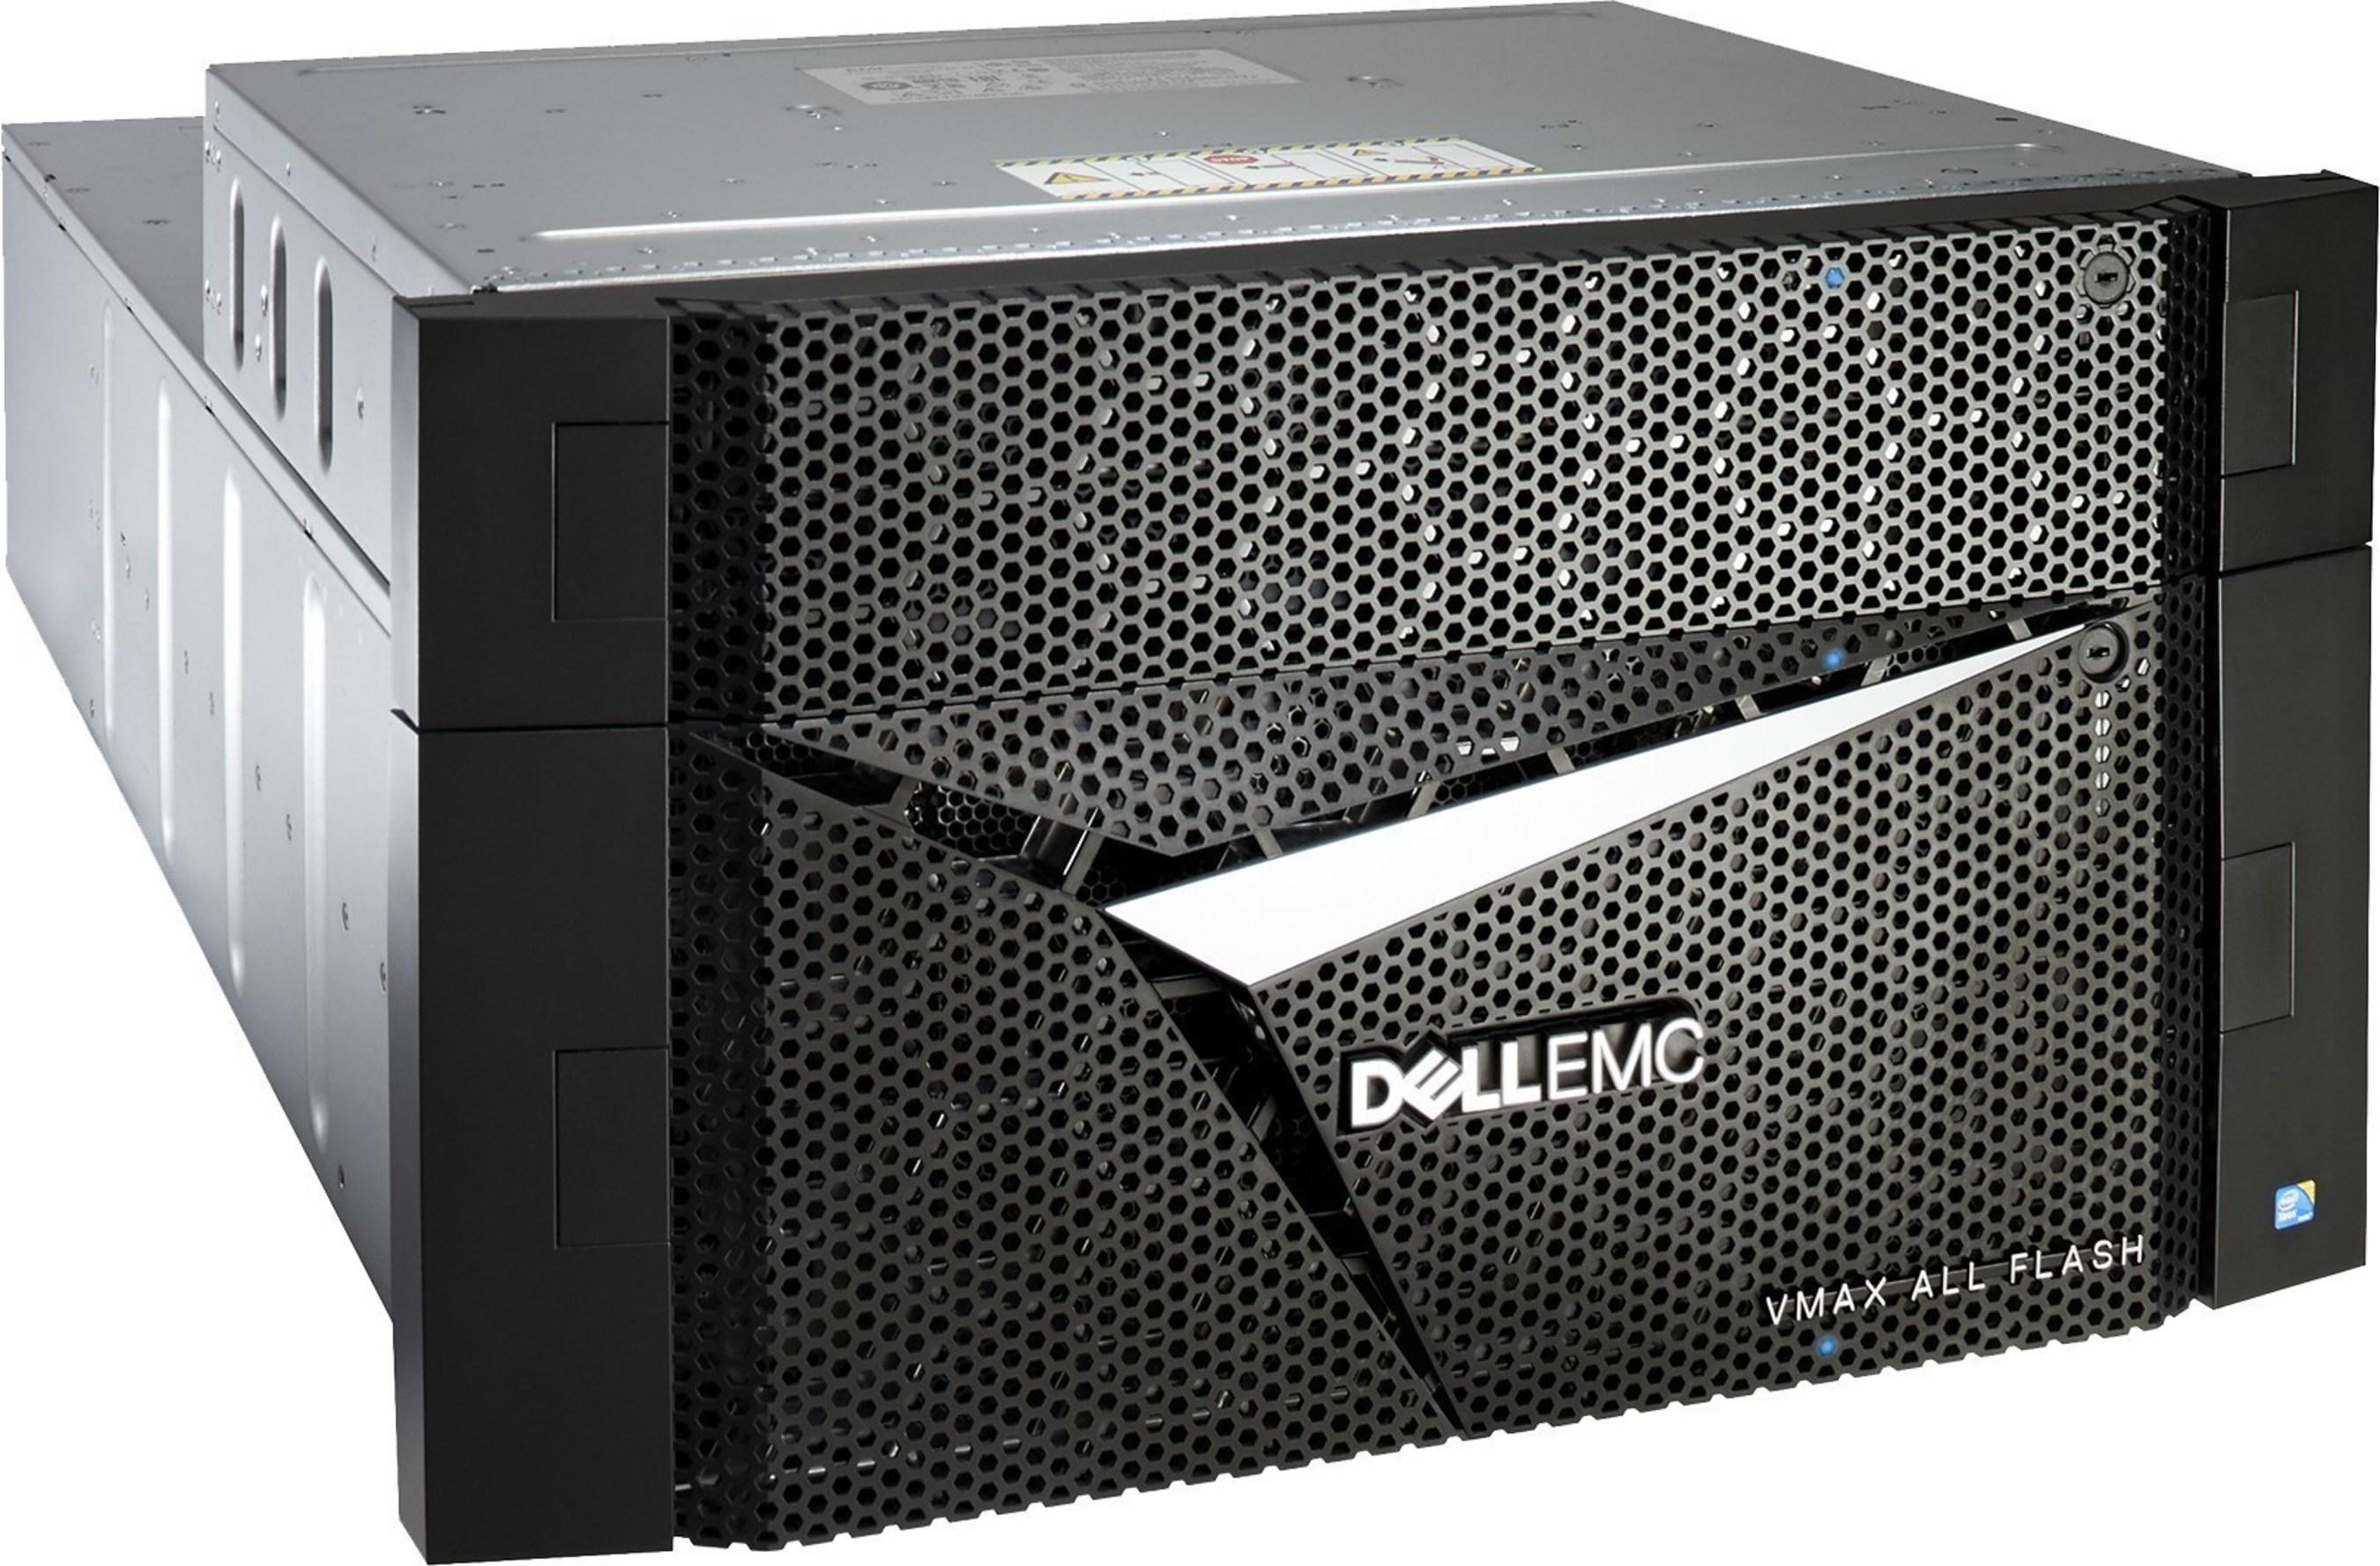 Dell EMC VMAX 250F